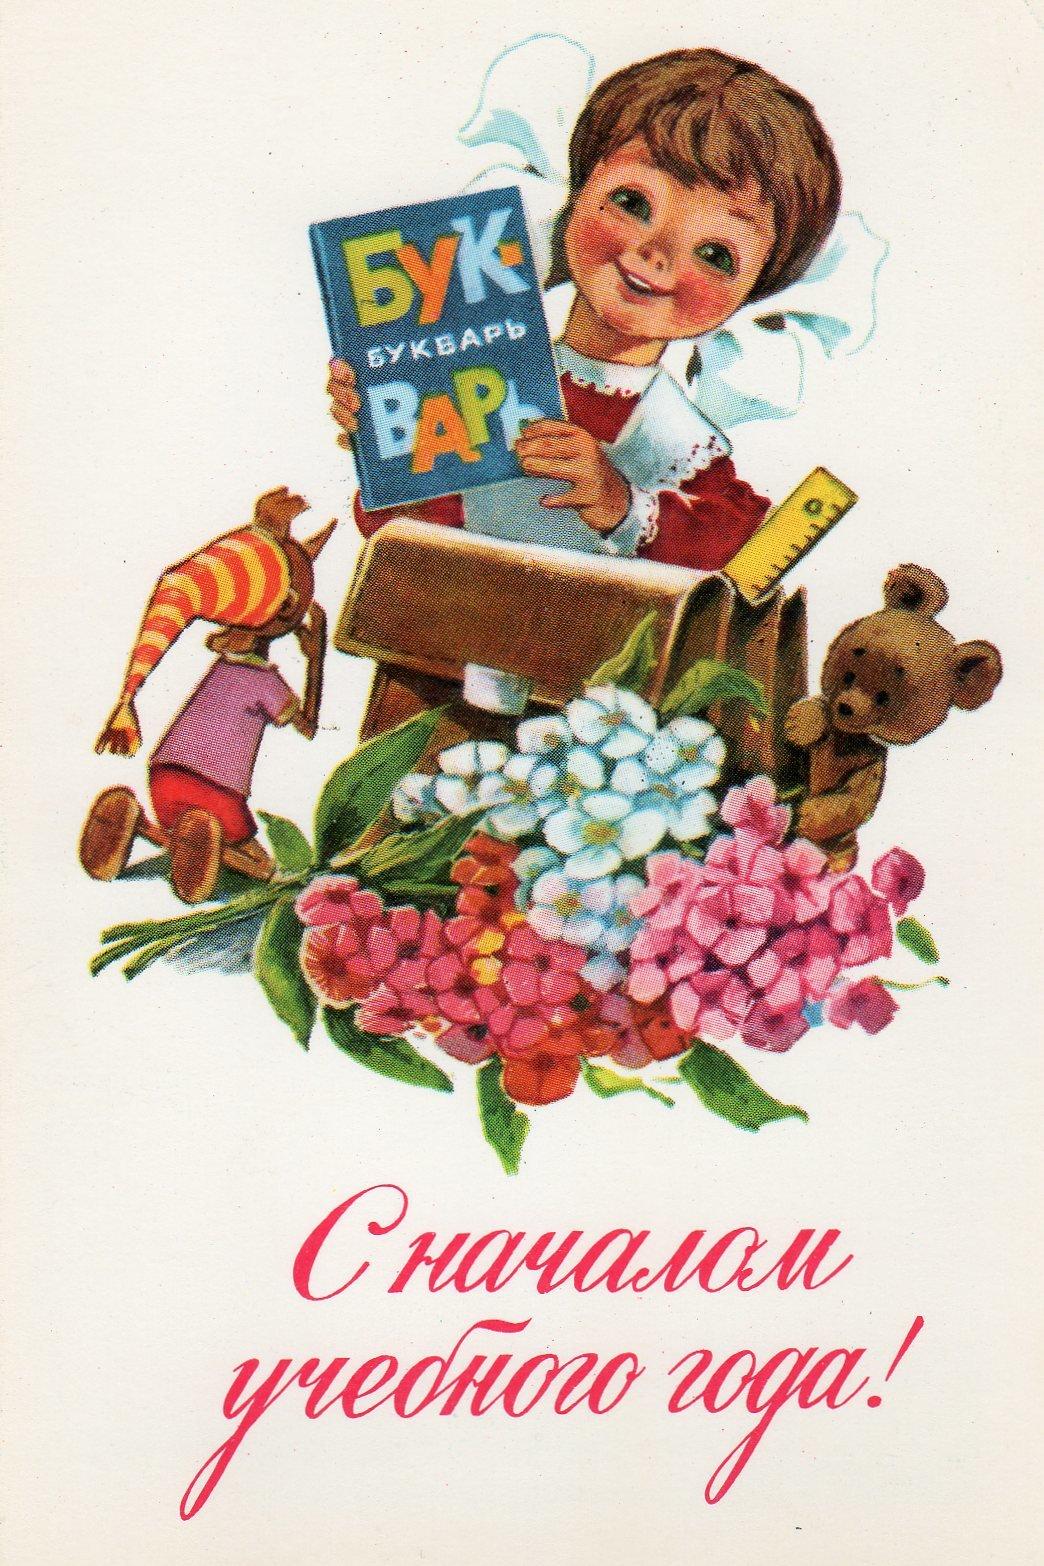 Надписью, картинки советских времен с 1 сентября